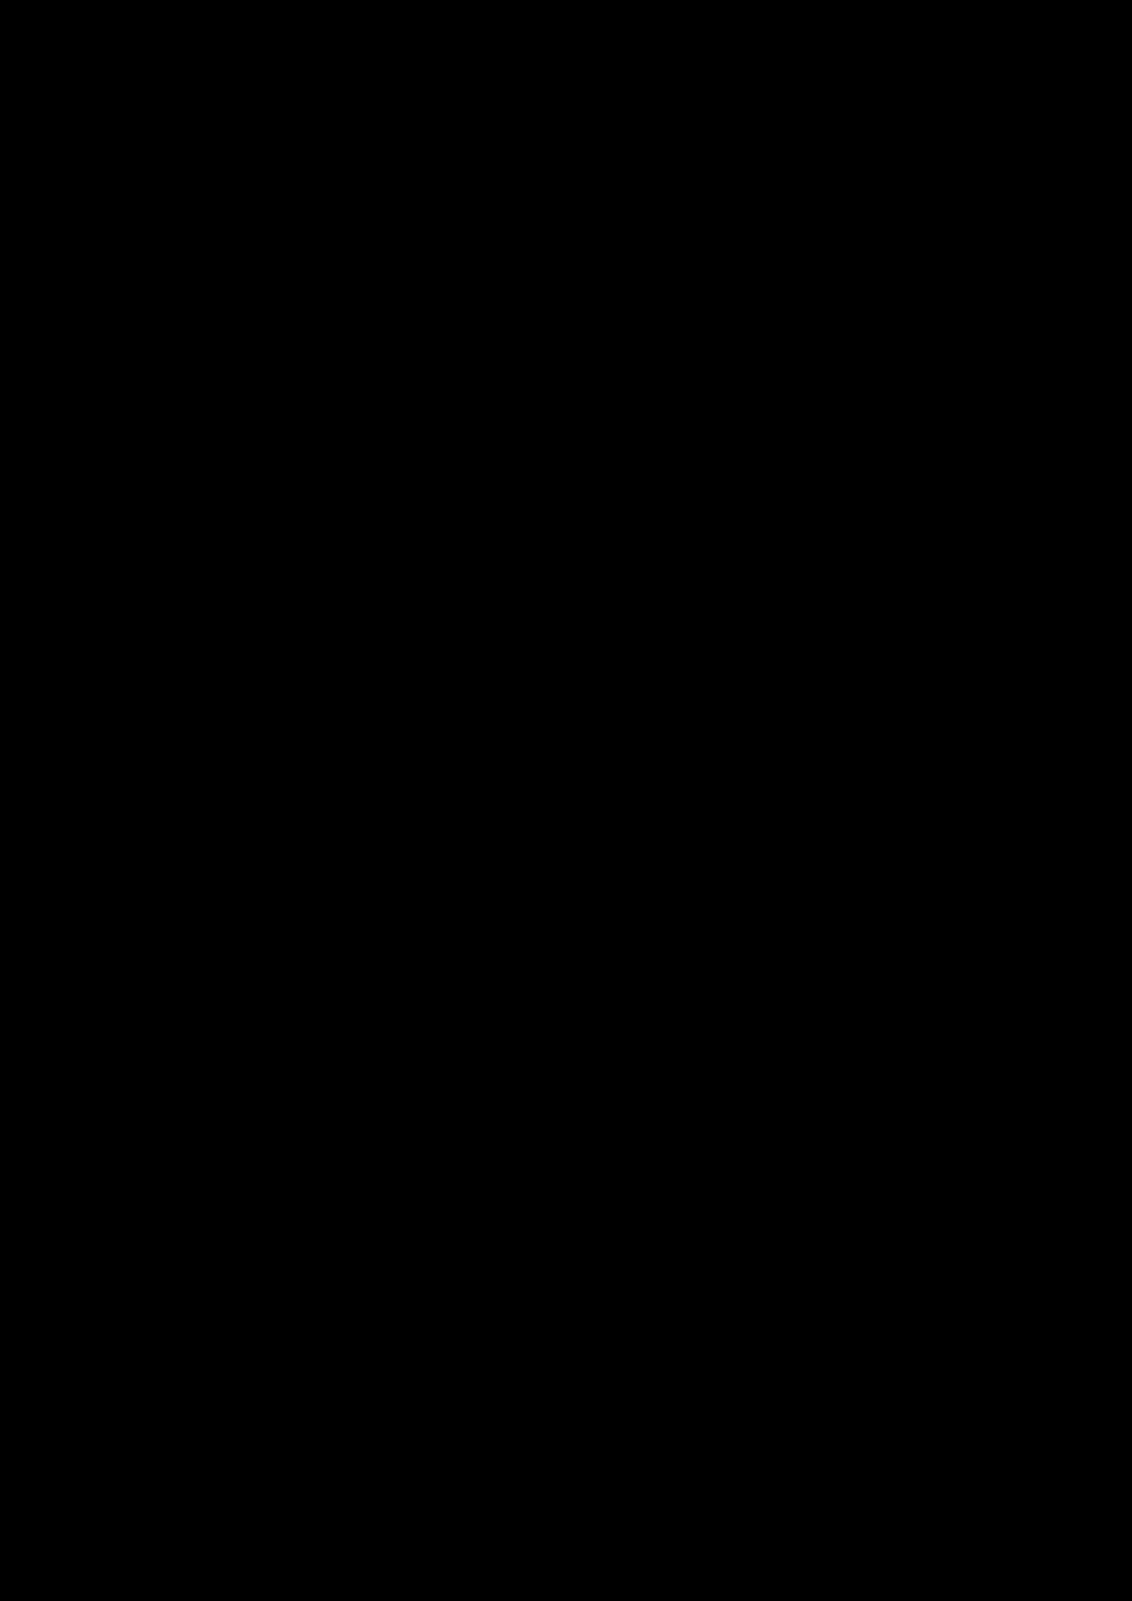 Zagadka volshebnoy stranyi slide, Image 16